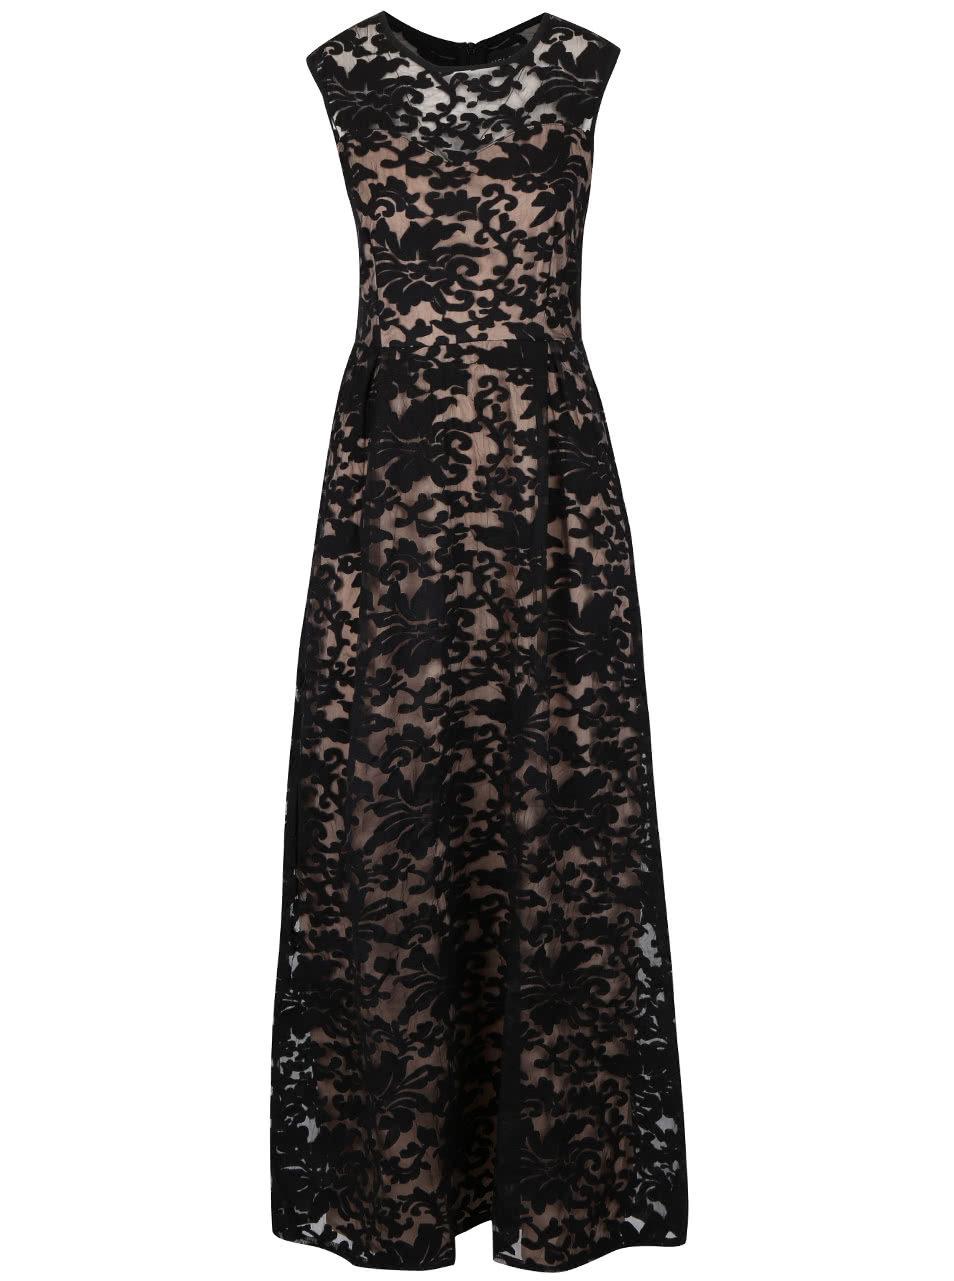 Krémovo-čierne dlhé vzorované šaty Mela London ... 2ff06b340dd